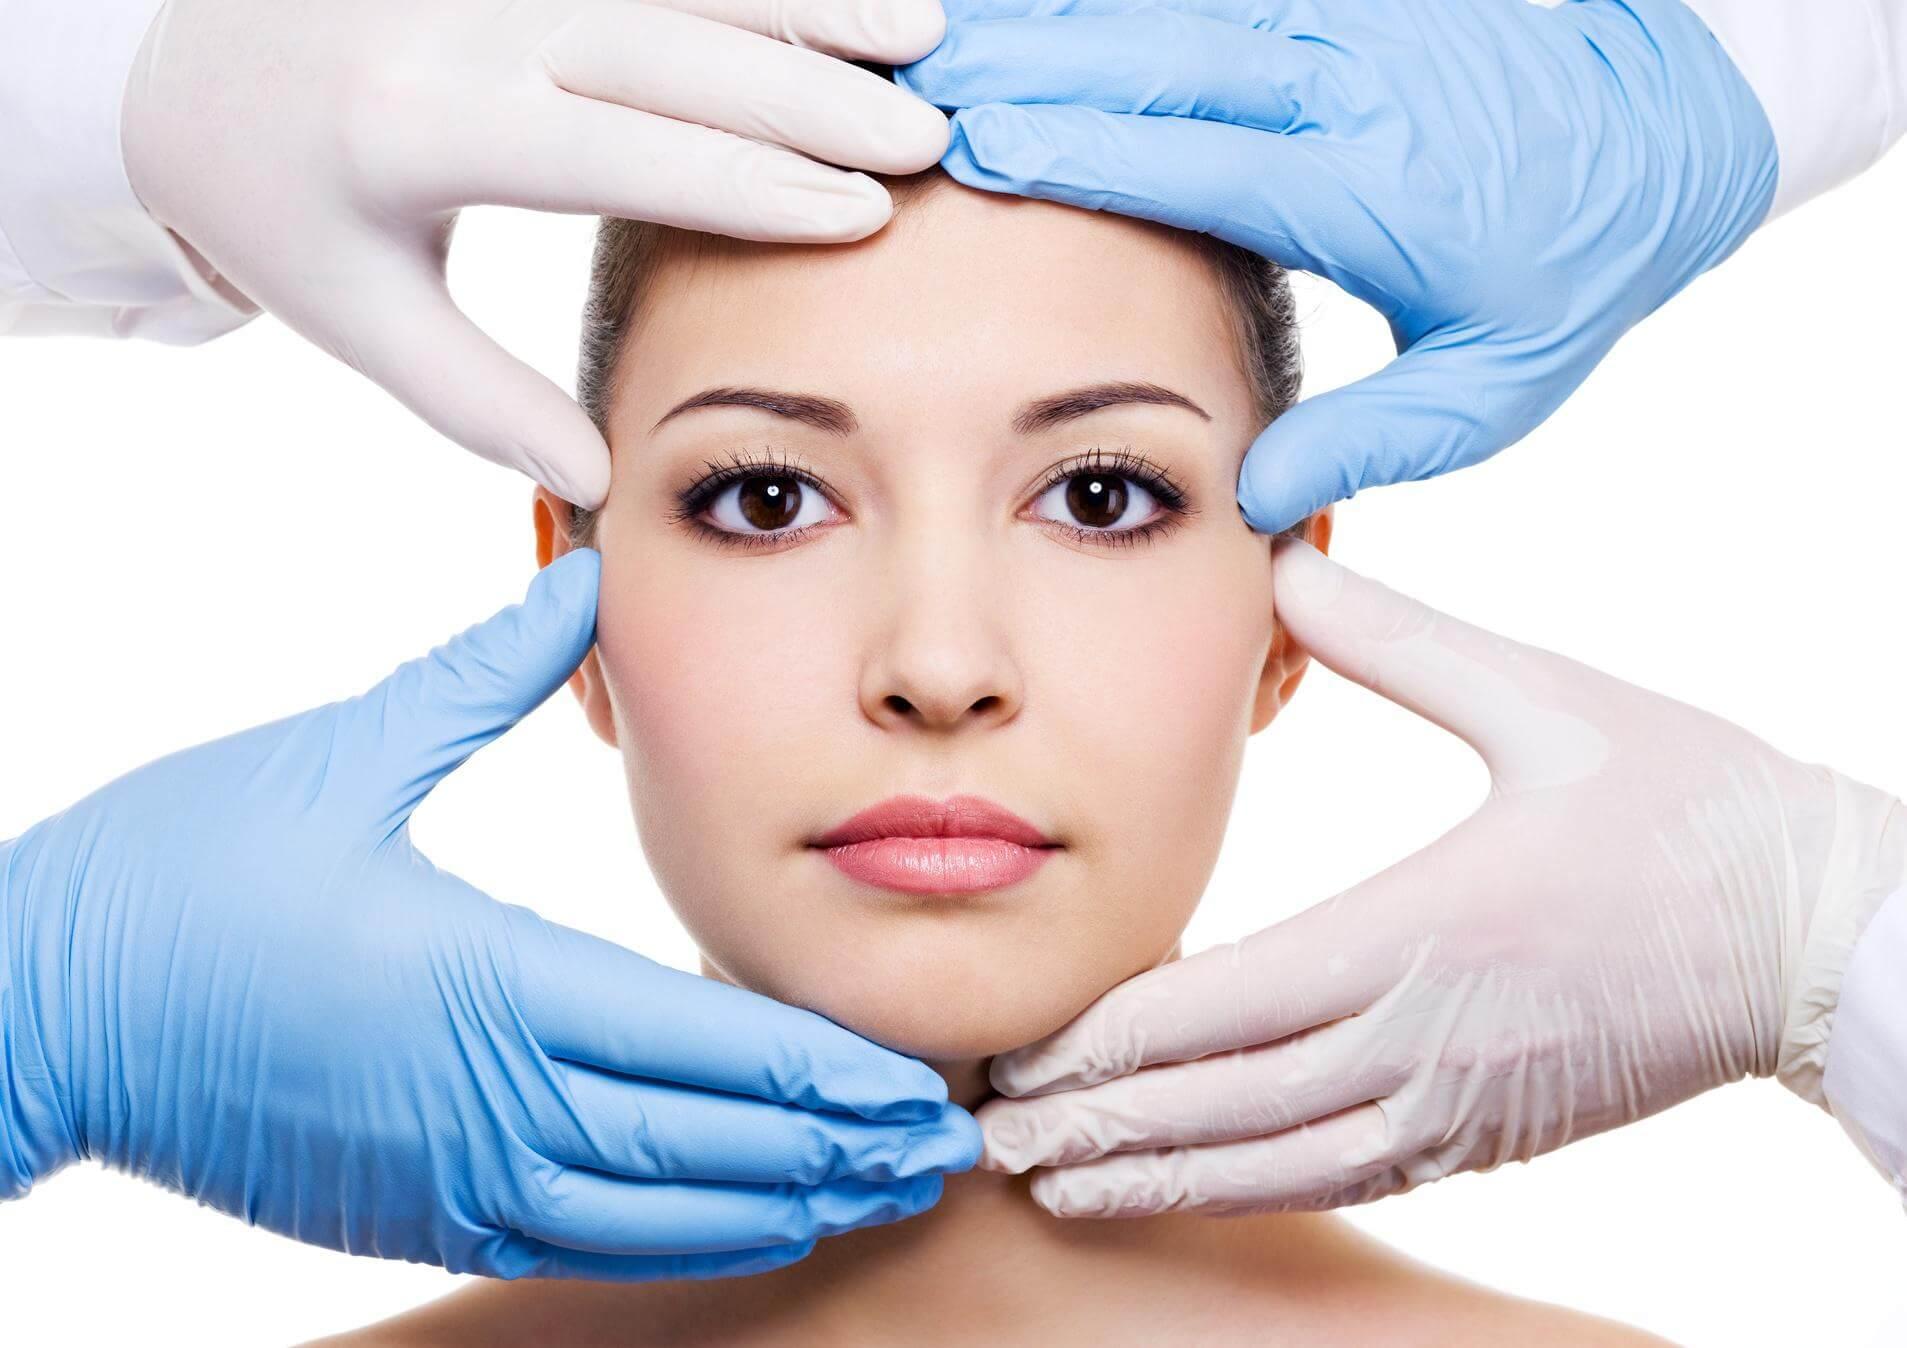 Căng da mặt nội soi cắt bỏ da thừa có đau không?